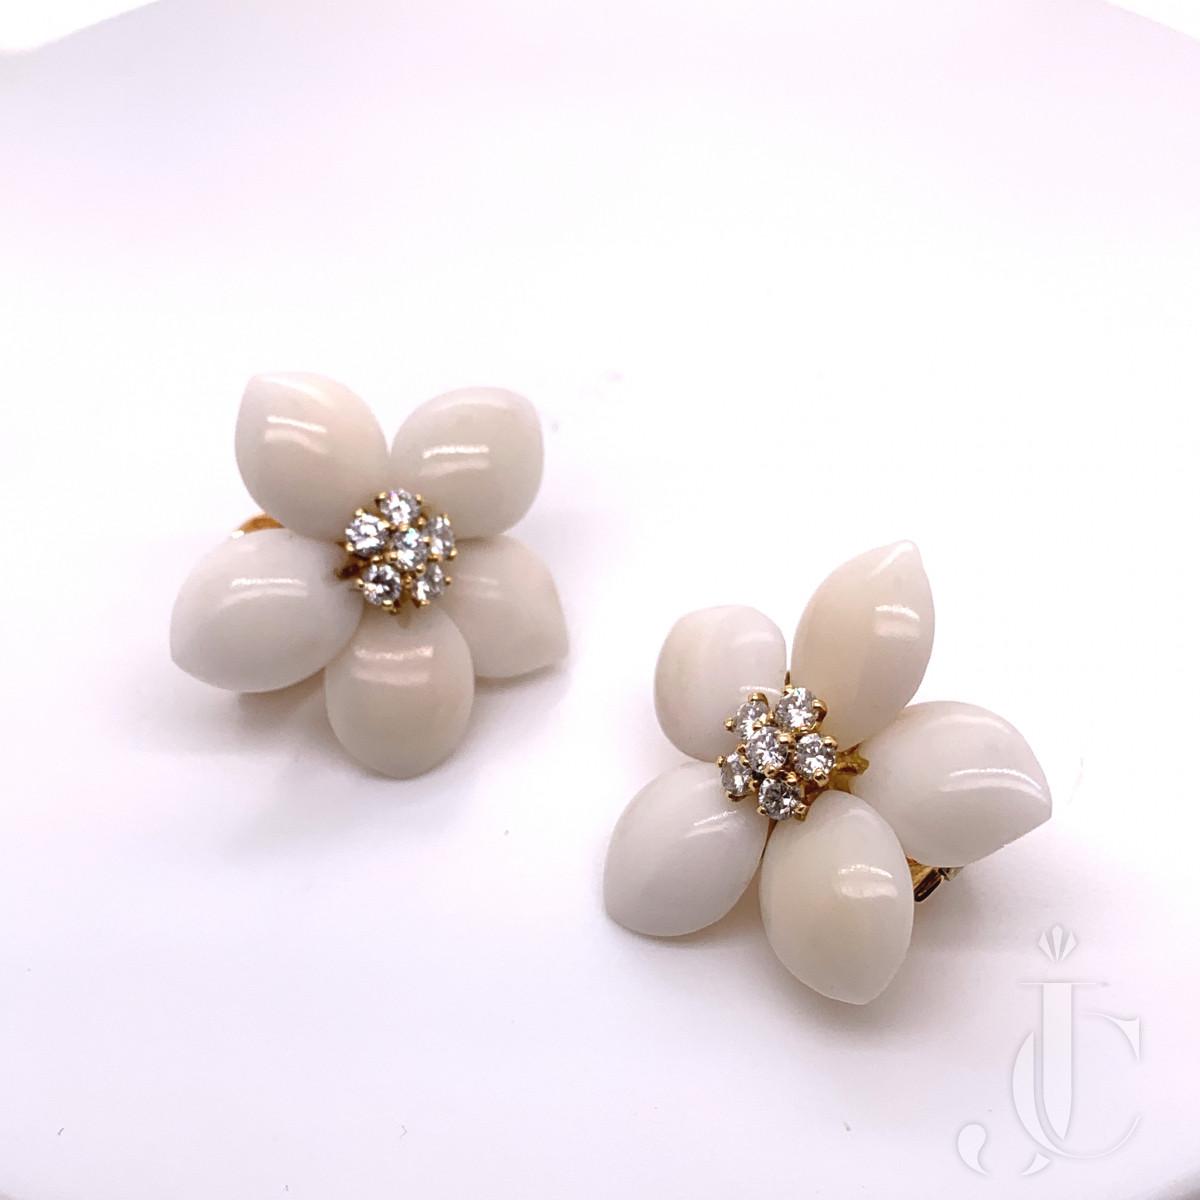 """A pair of coral and diamond """"Rose de noel"""" flower ear clips by Van Cleef & Arpels"""